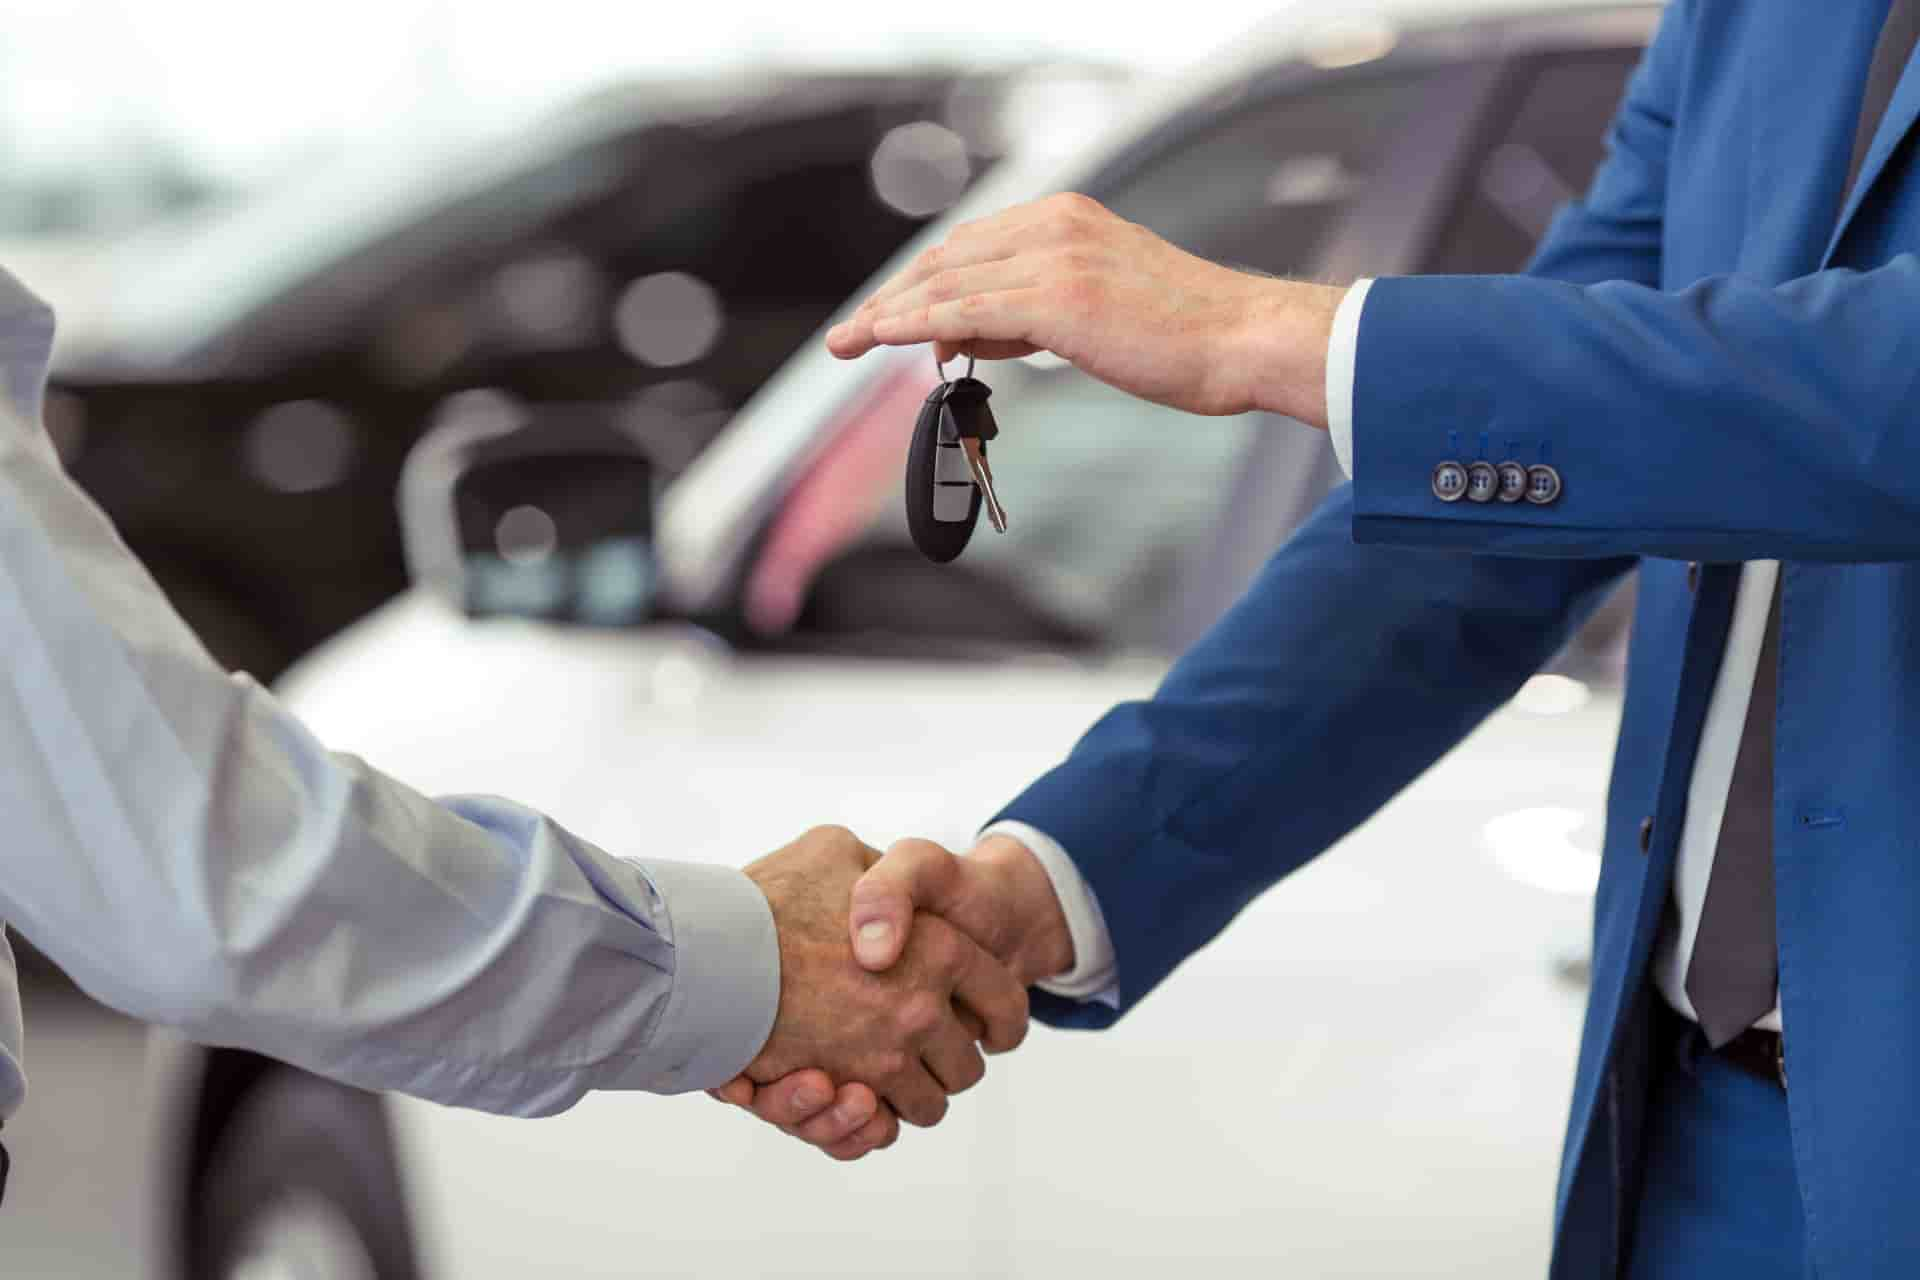 Certificat de cession de véhicule : Tout savoir sur les conditions de vente